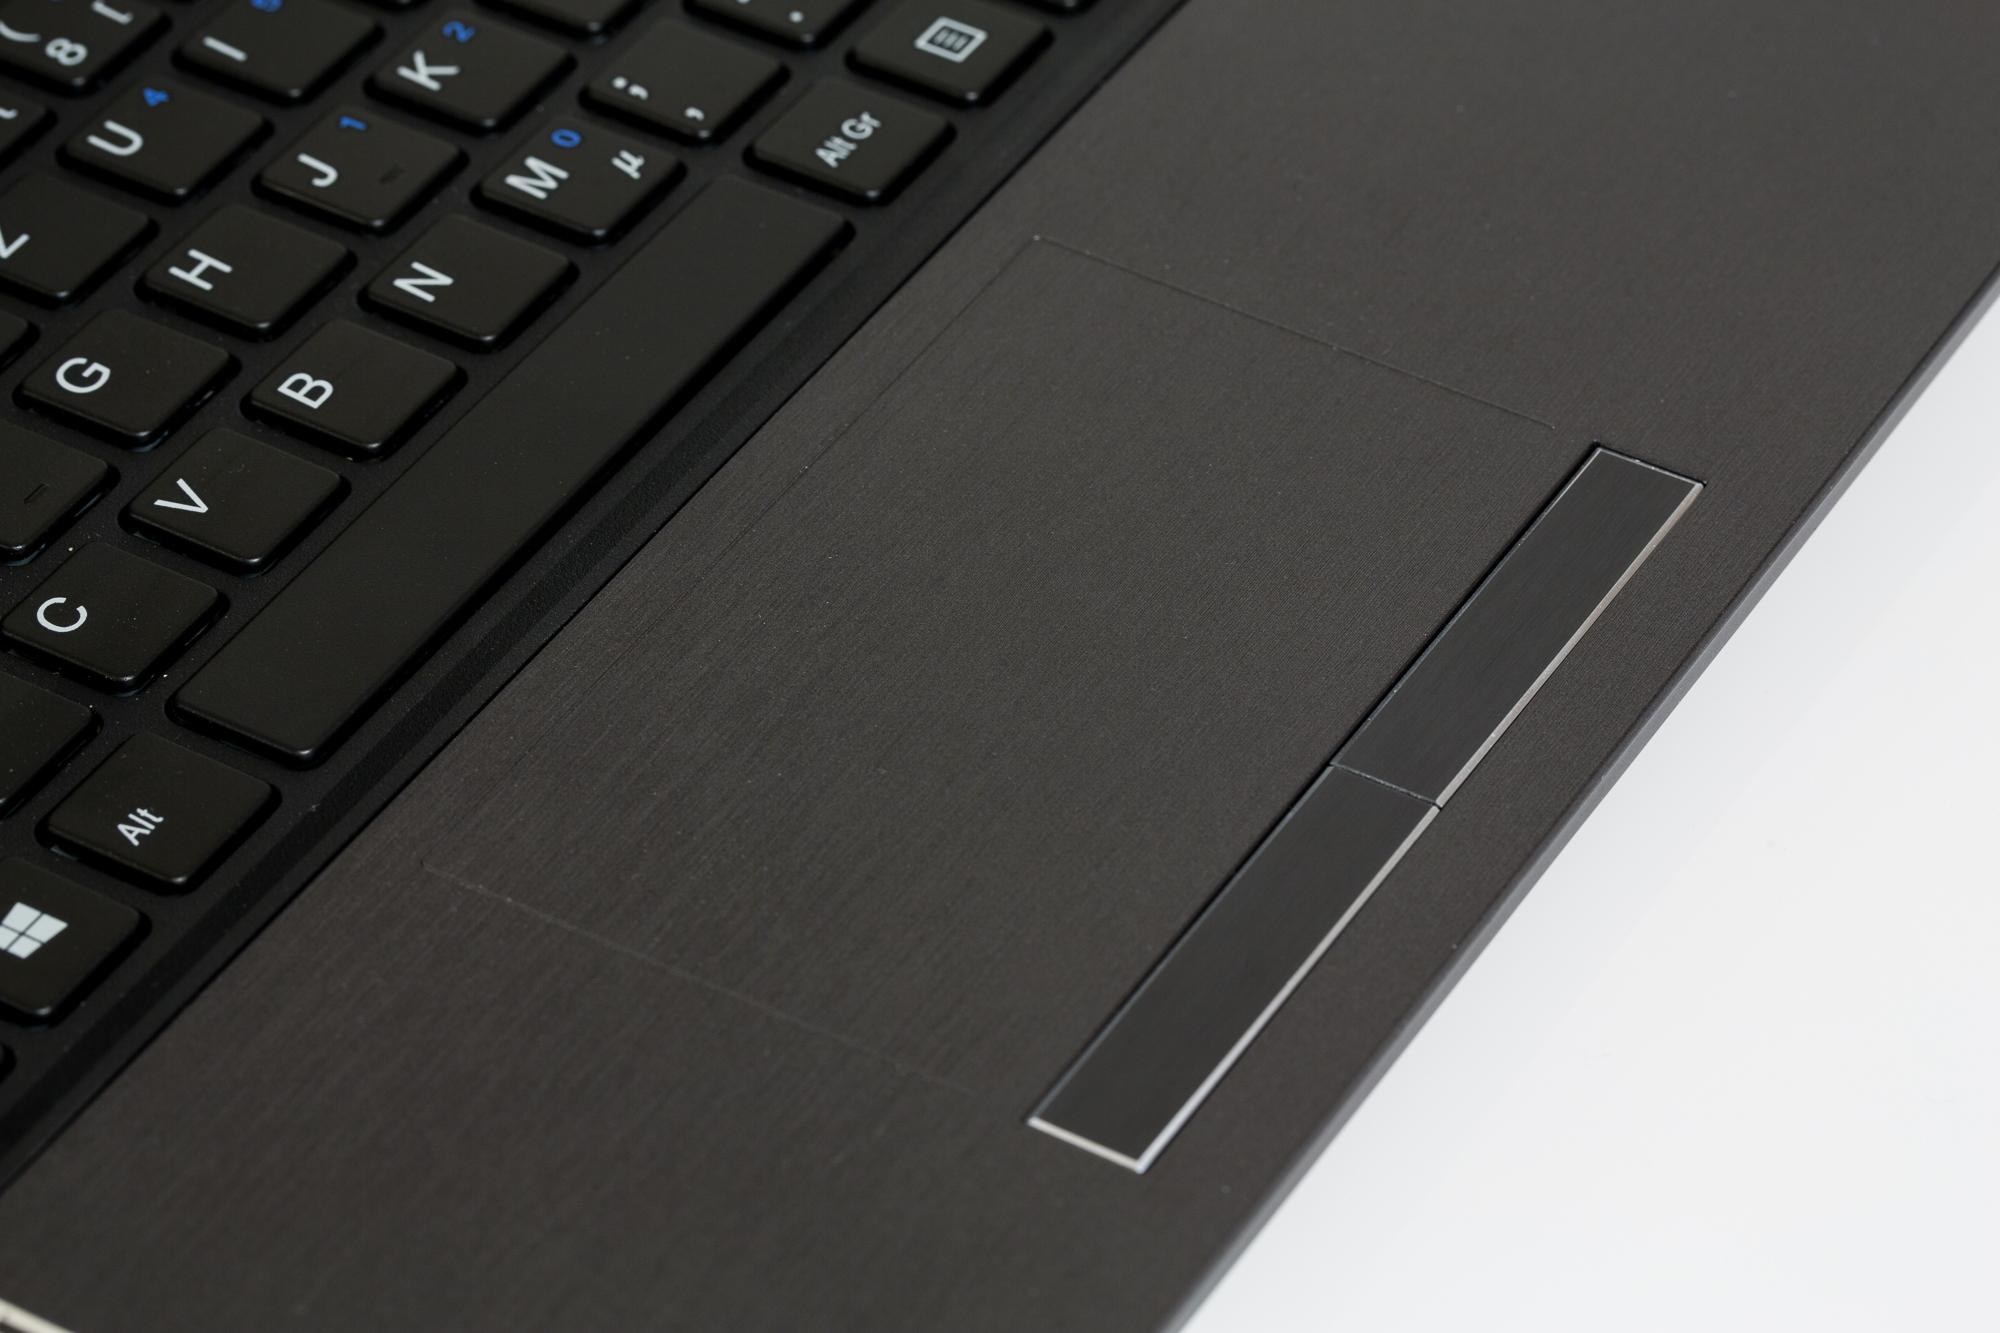 Kaufberatung: Worauf es bei einem Notebook ankommt - Touchpad mit dedizierten Maustasten (Bild: Fabian Hamacher/Golem.de)